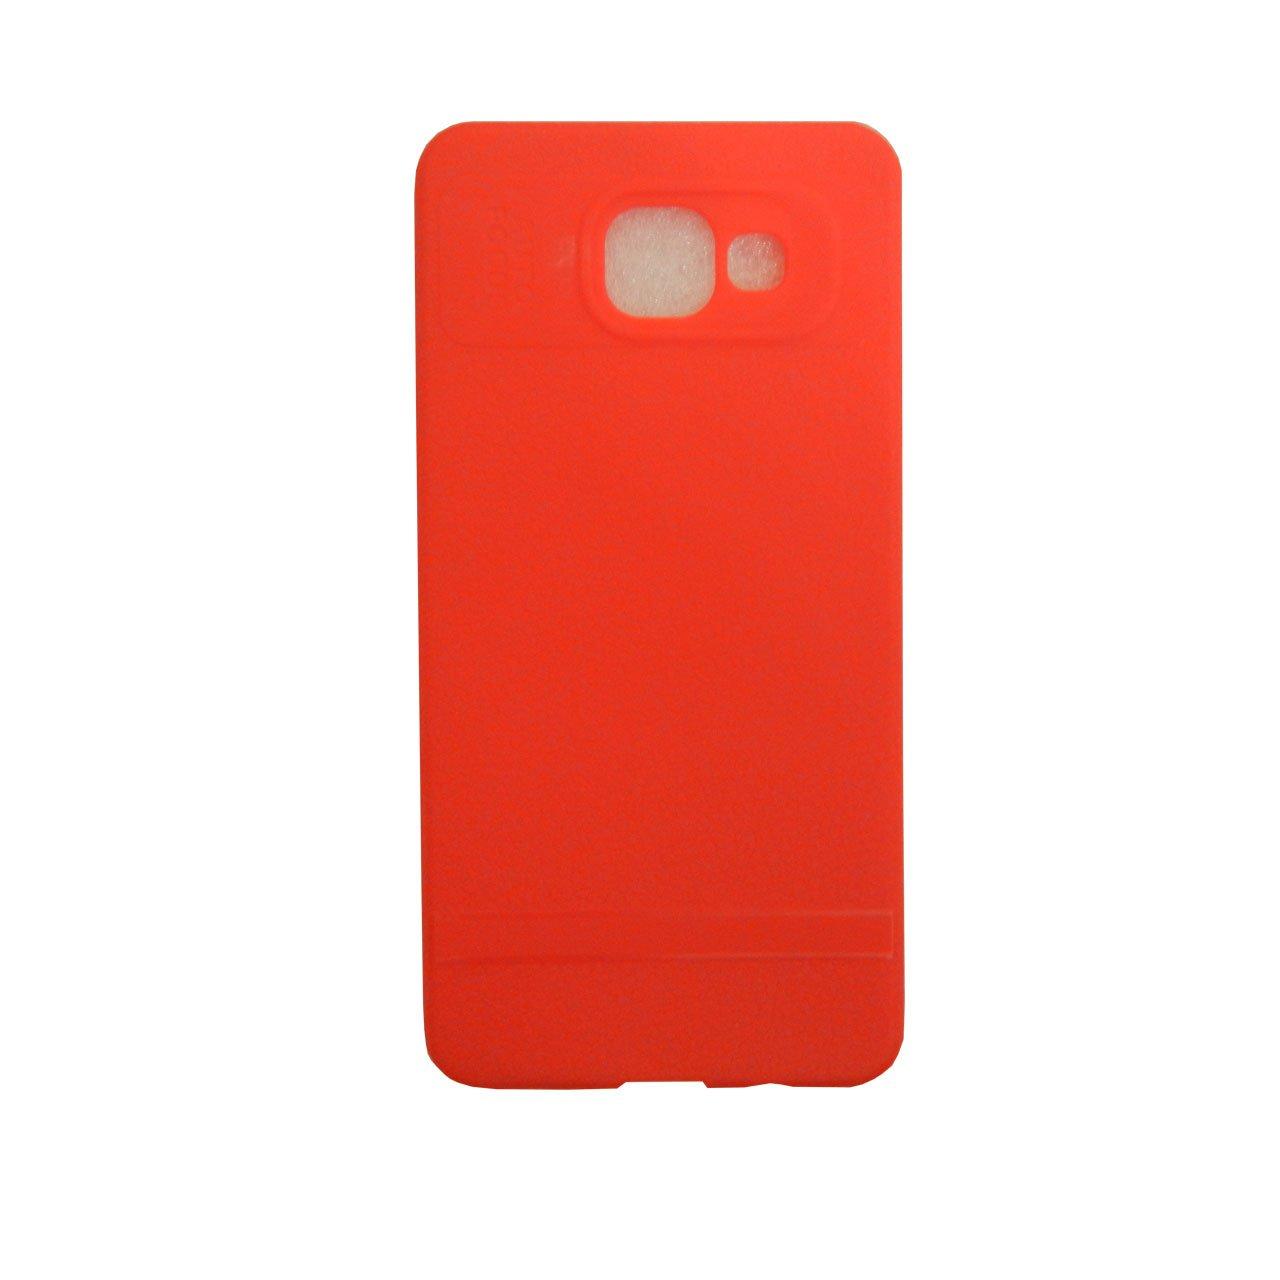 کاور موبایل مناسب برای سامسونگ A510